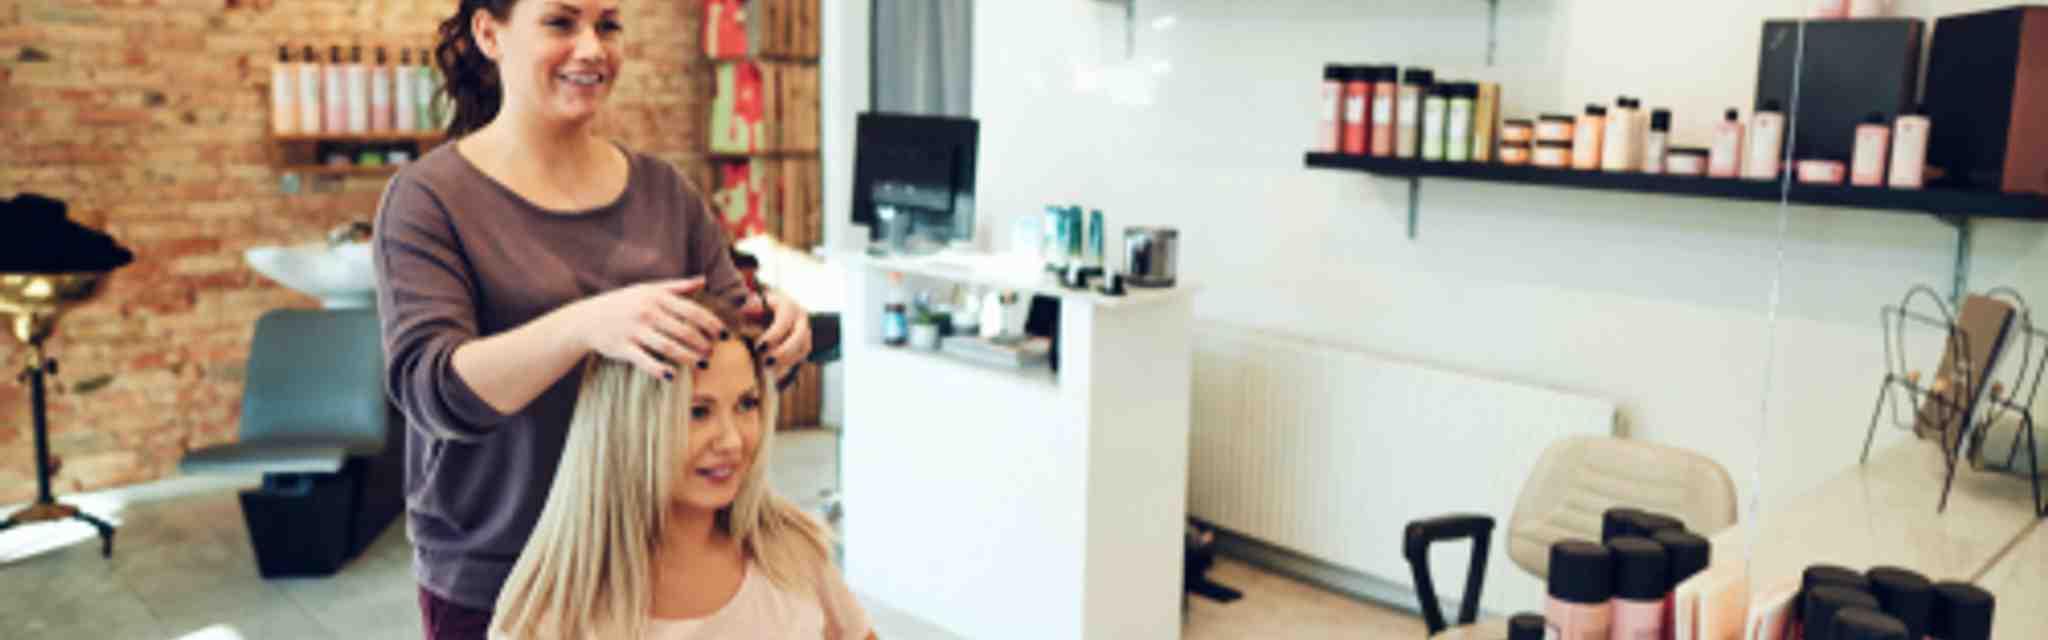 Strategi Tingkatkan Pengunjung Salon yang Bisa Anda Coba, Xperience Team